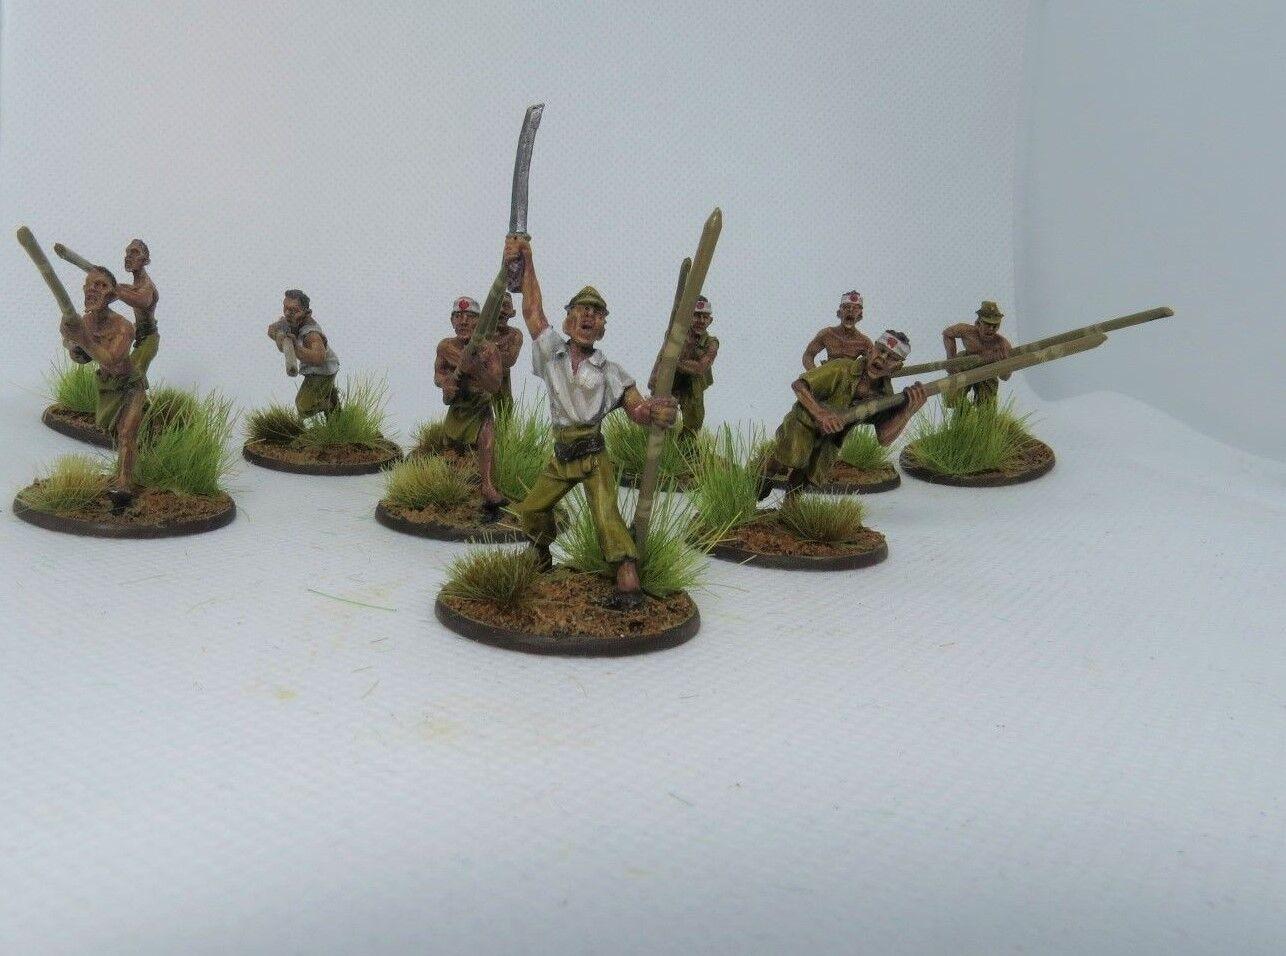 10 bolt aktion infanterie professionell gemalt, 28 mm wargaming.